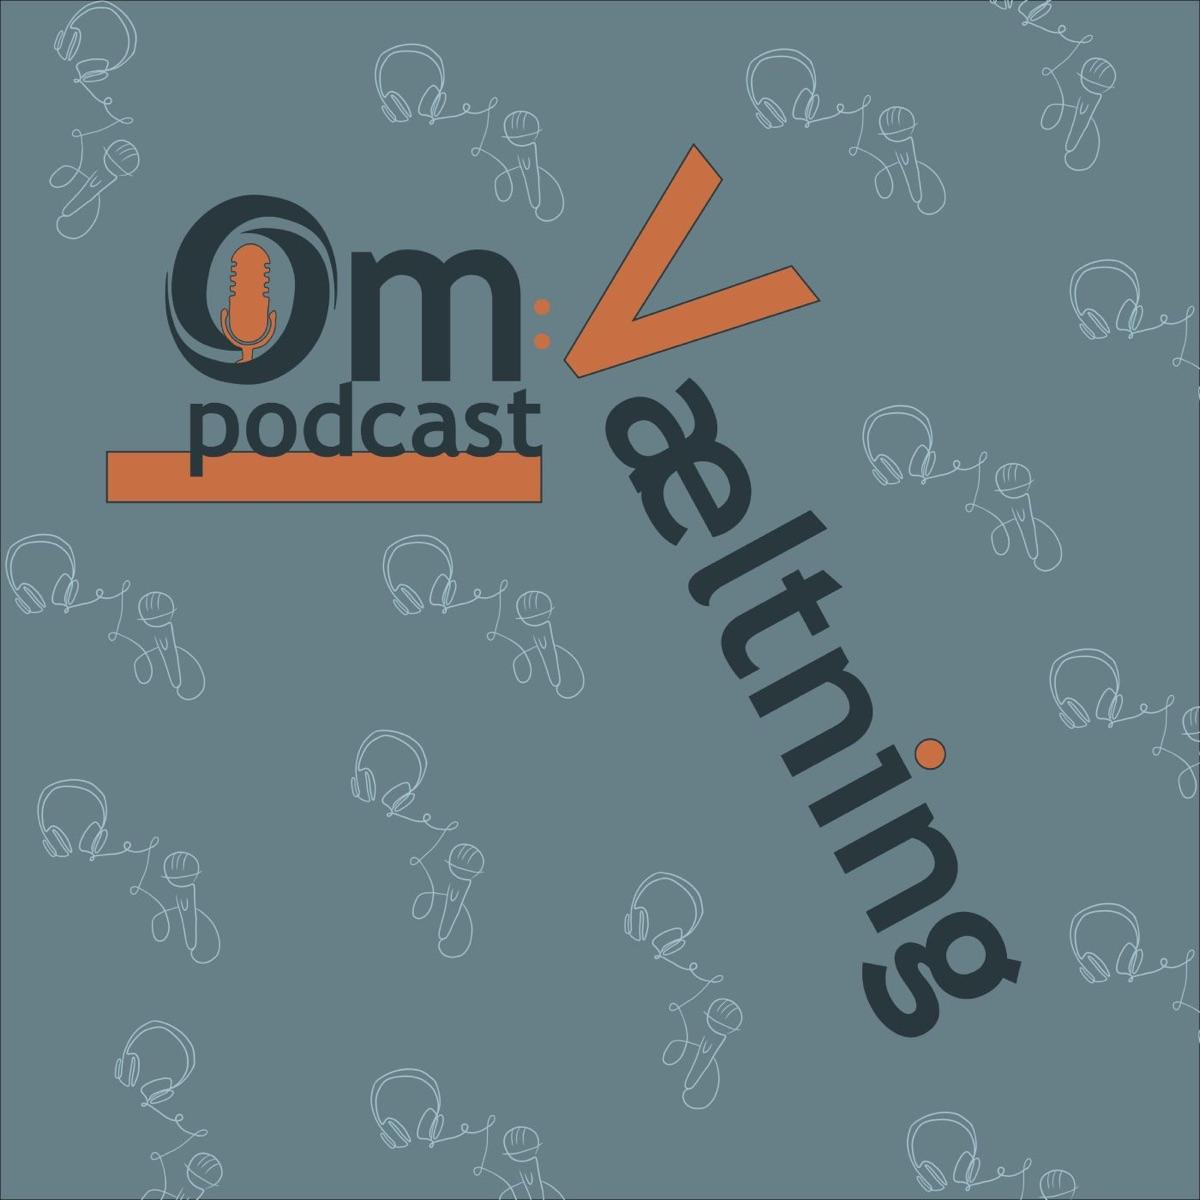 Om:Væltning podcast